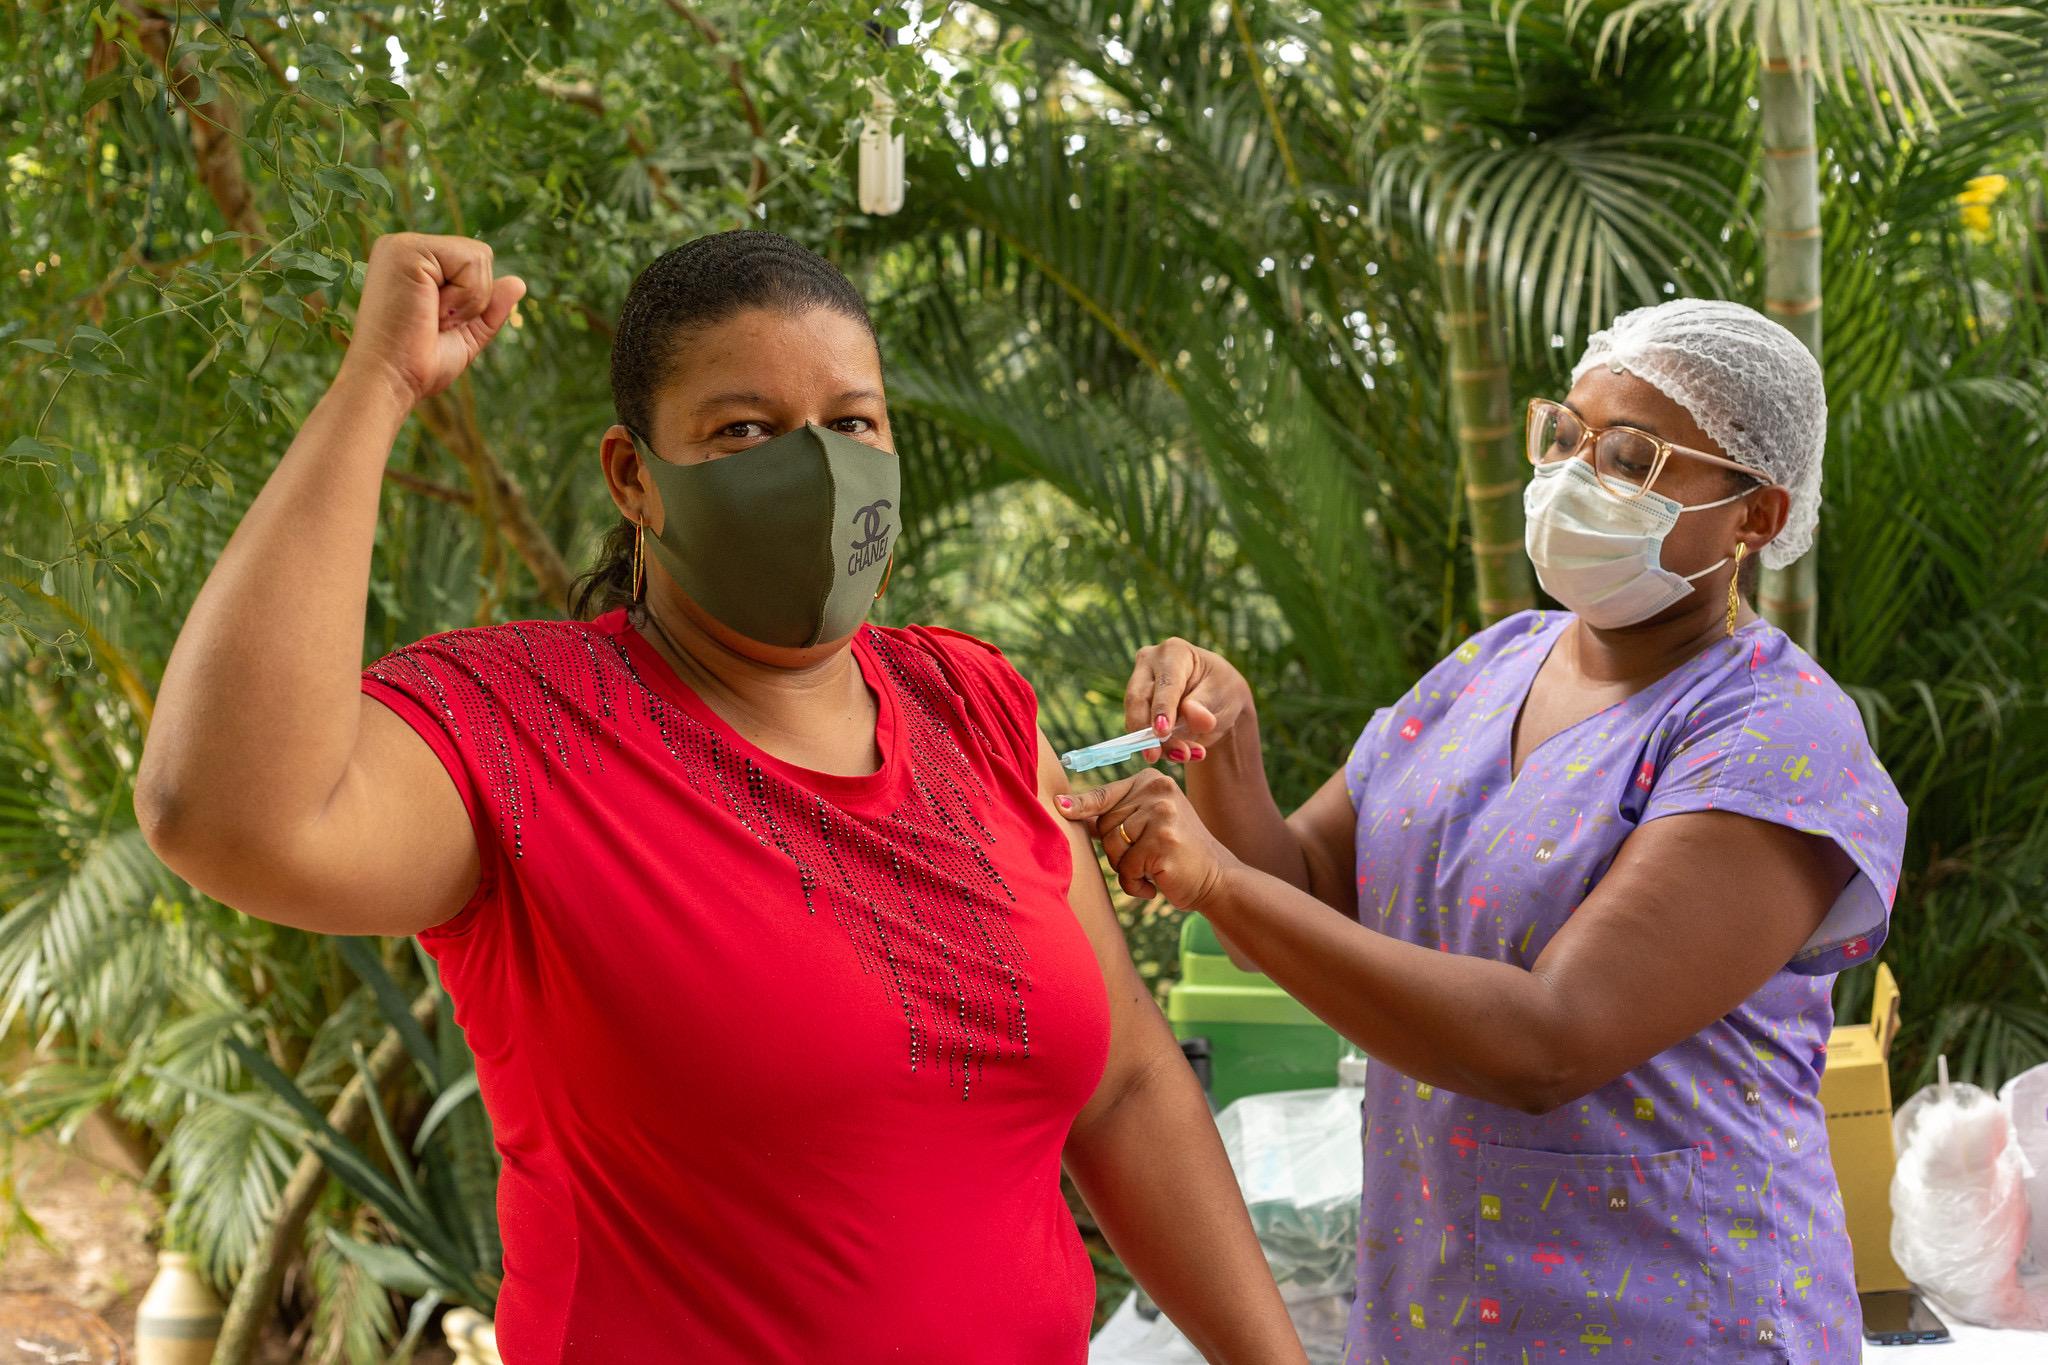 População indígena e quilombola é vacinada contra a covid-19 em Lauro de Freitas